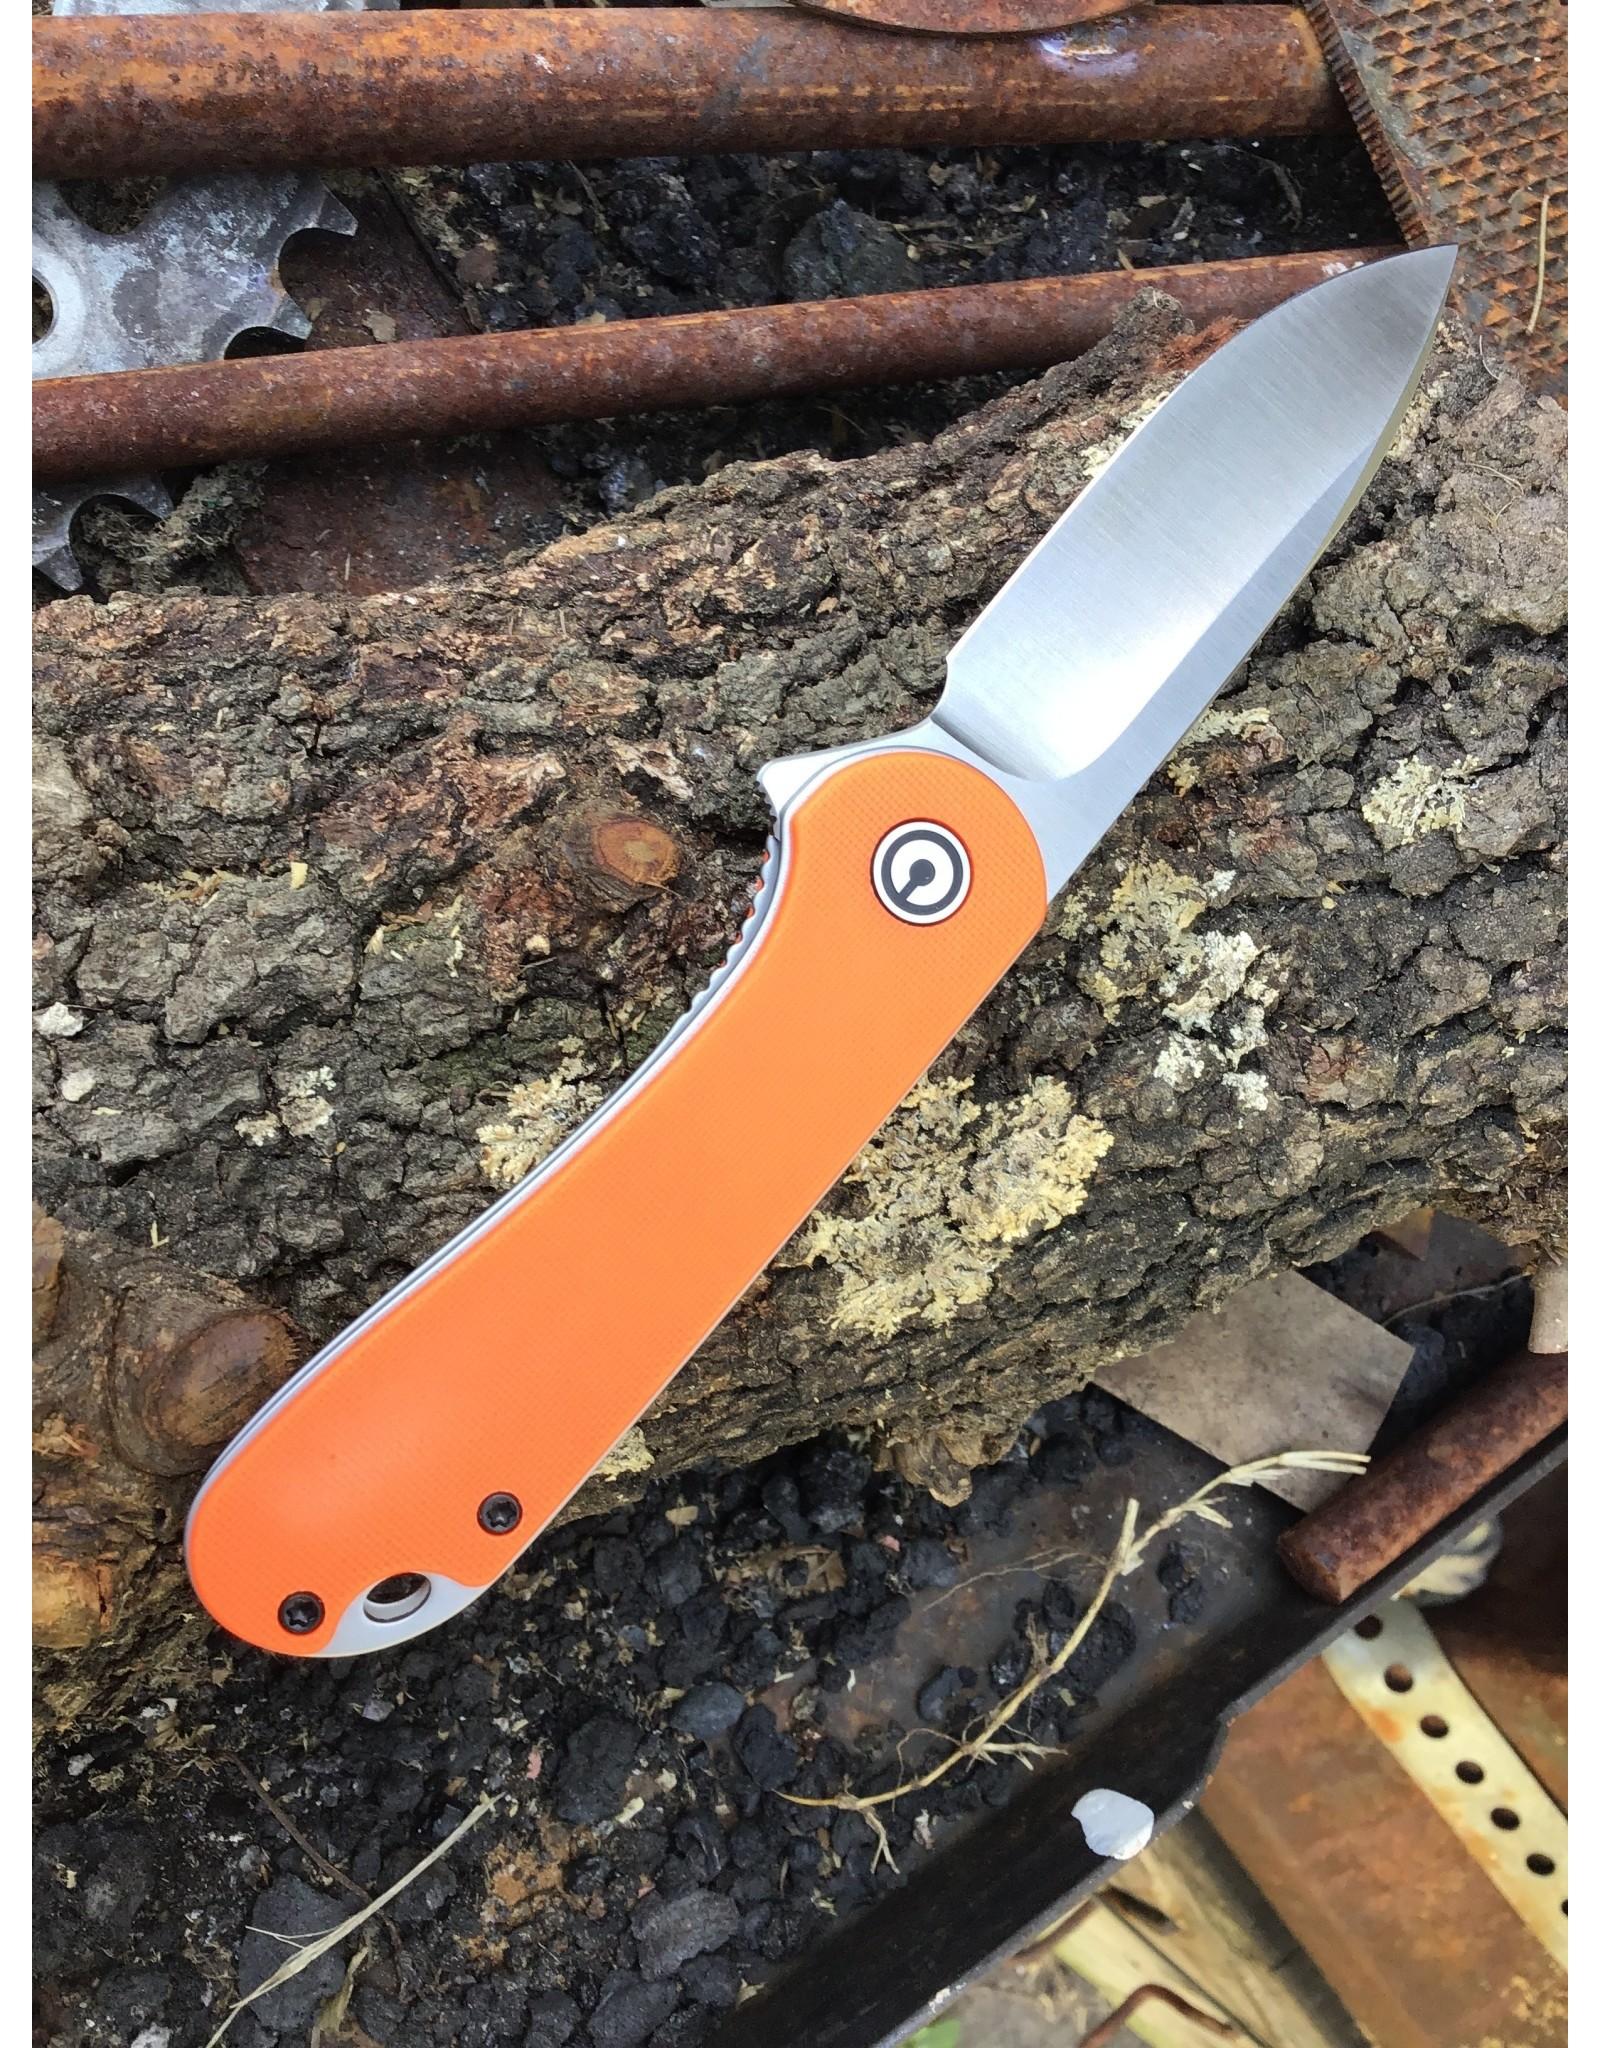 Civivi Elementum Orange G-10